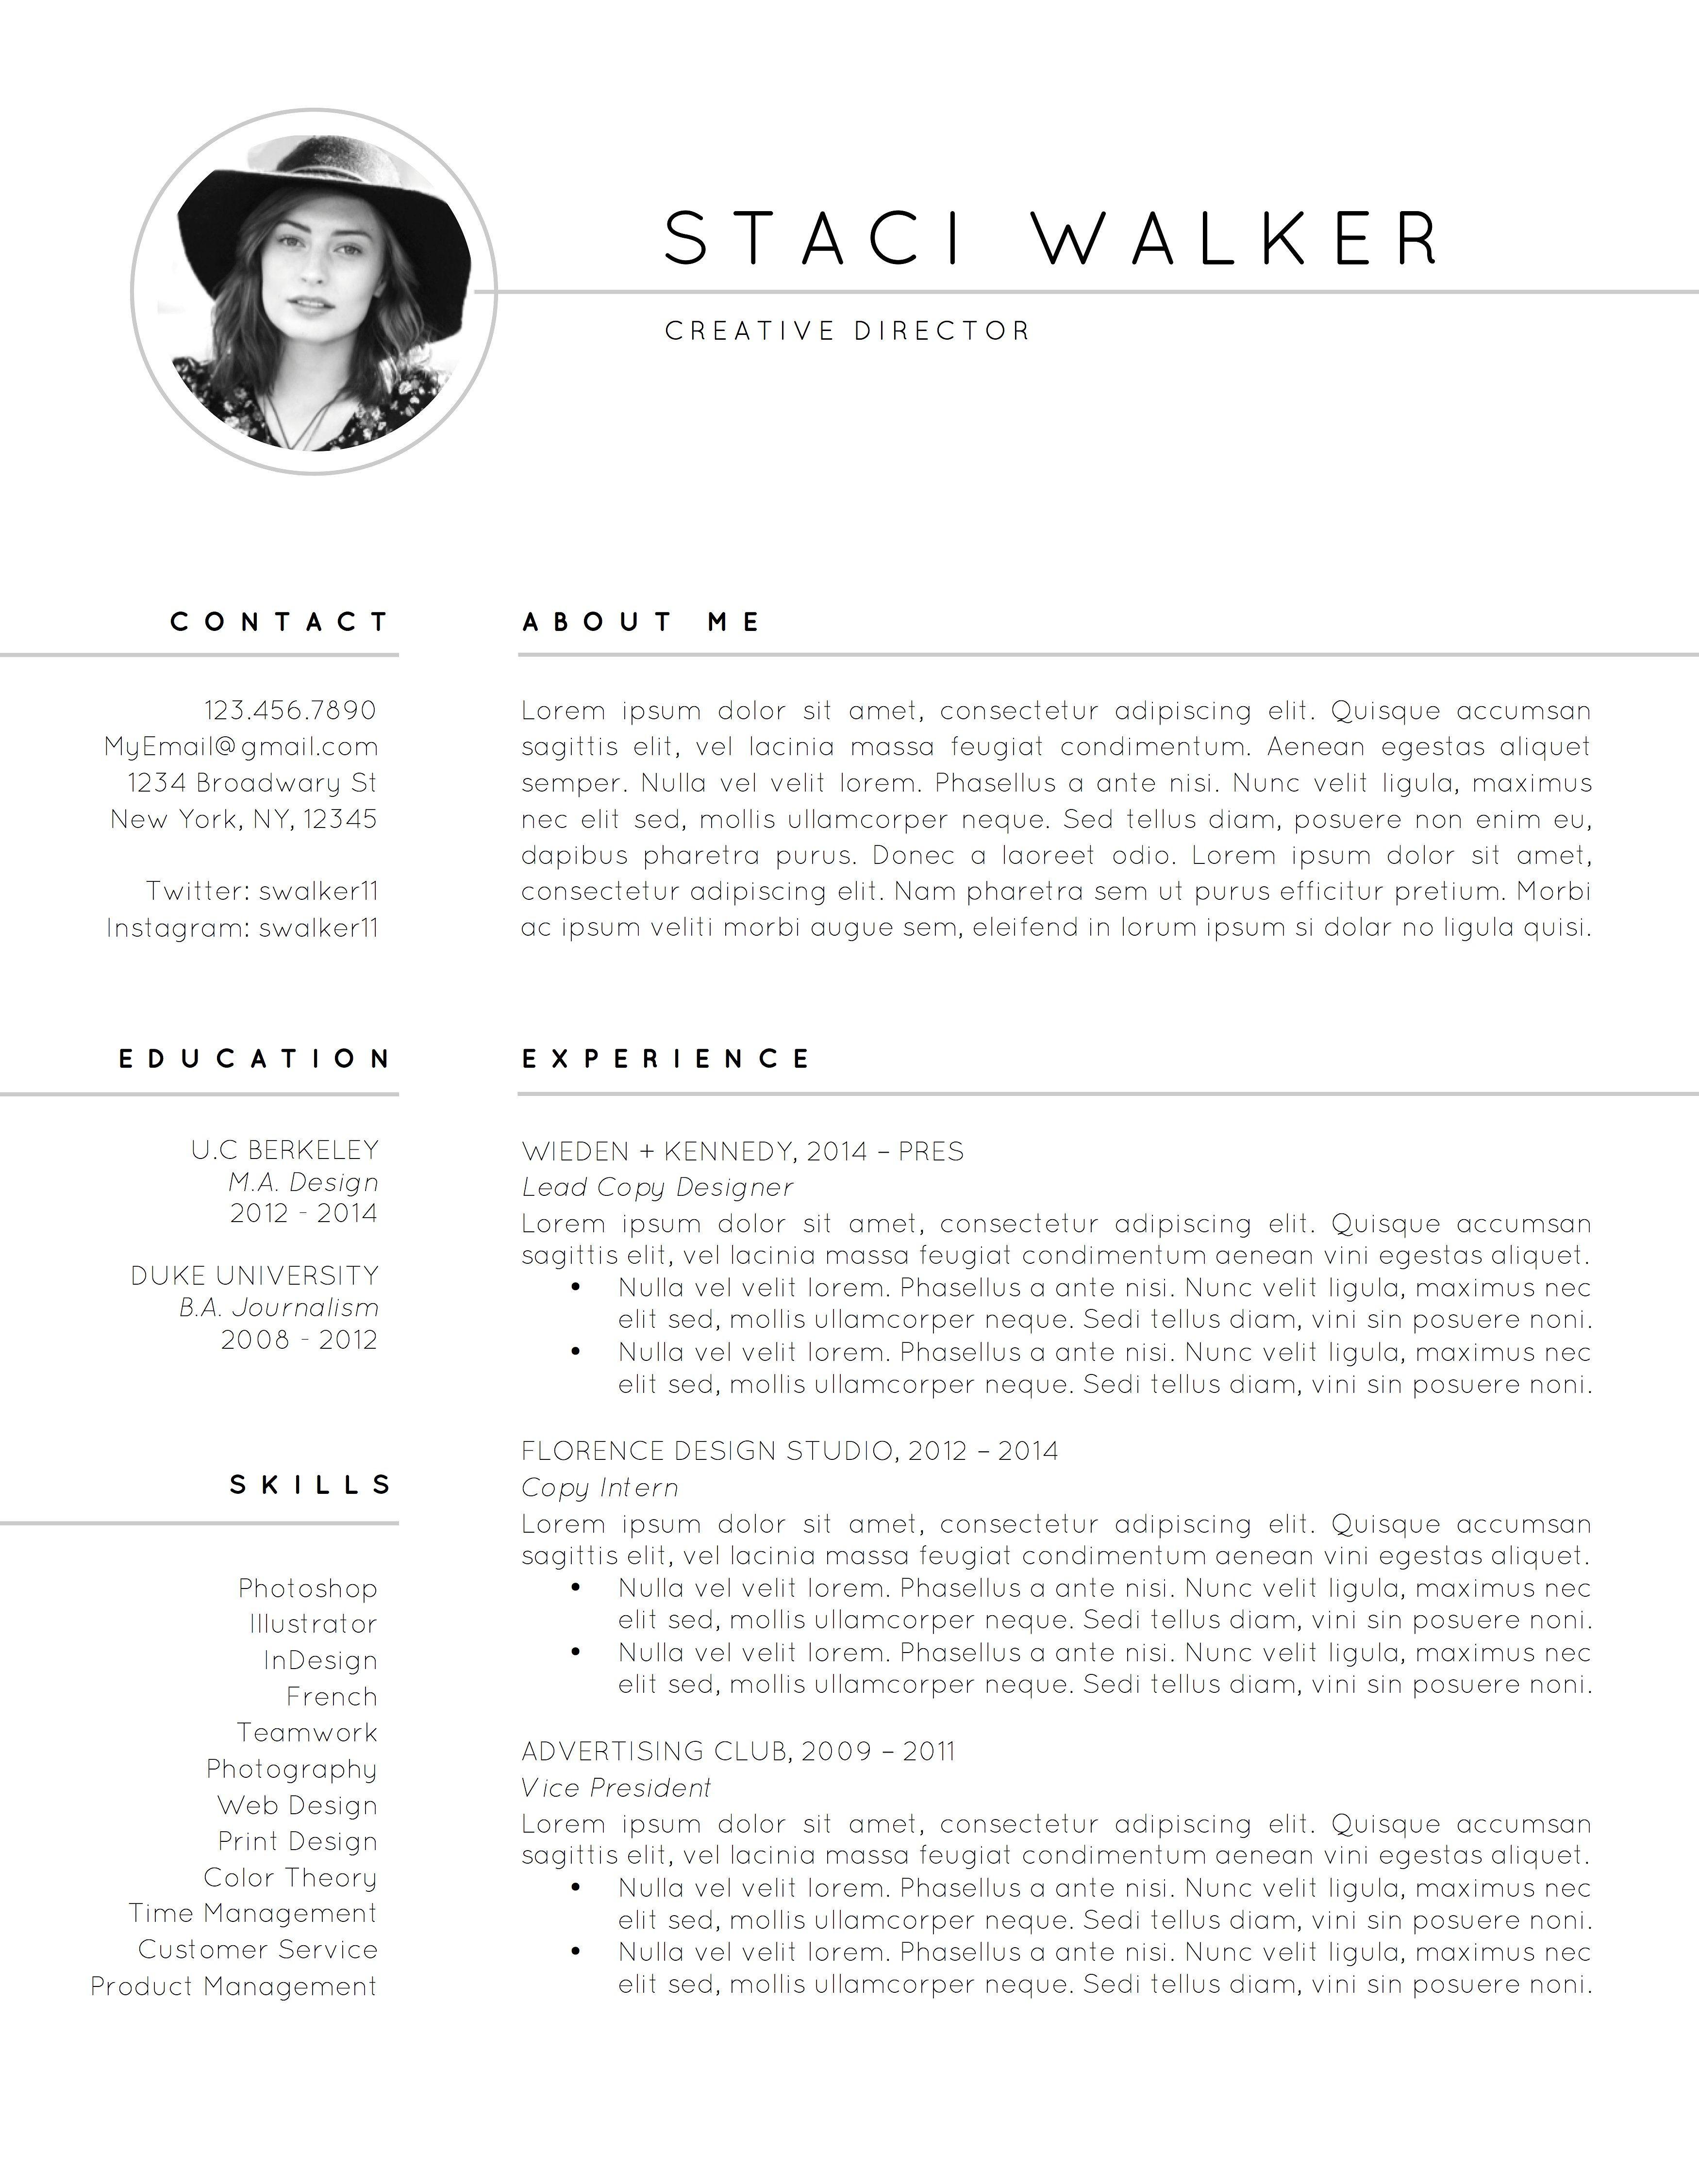 Resume Template / CV + Cover Letter Modern resume